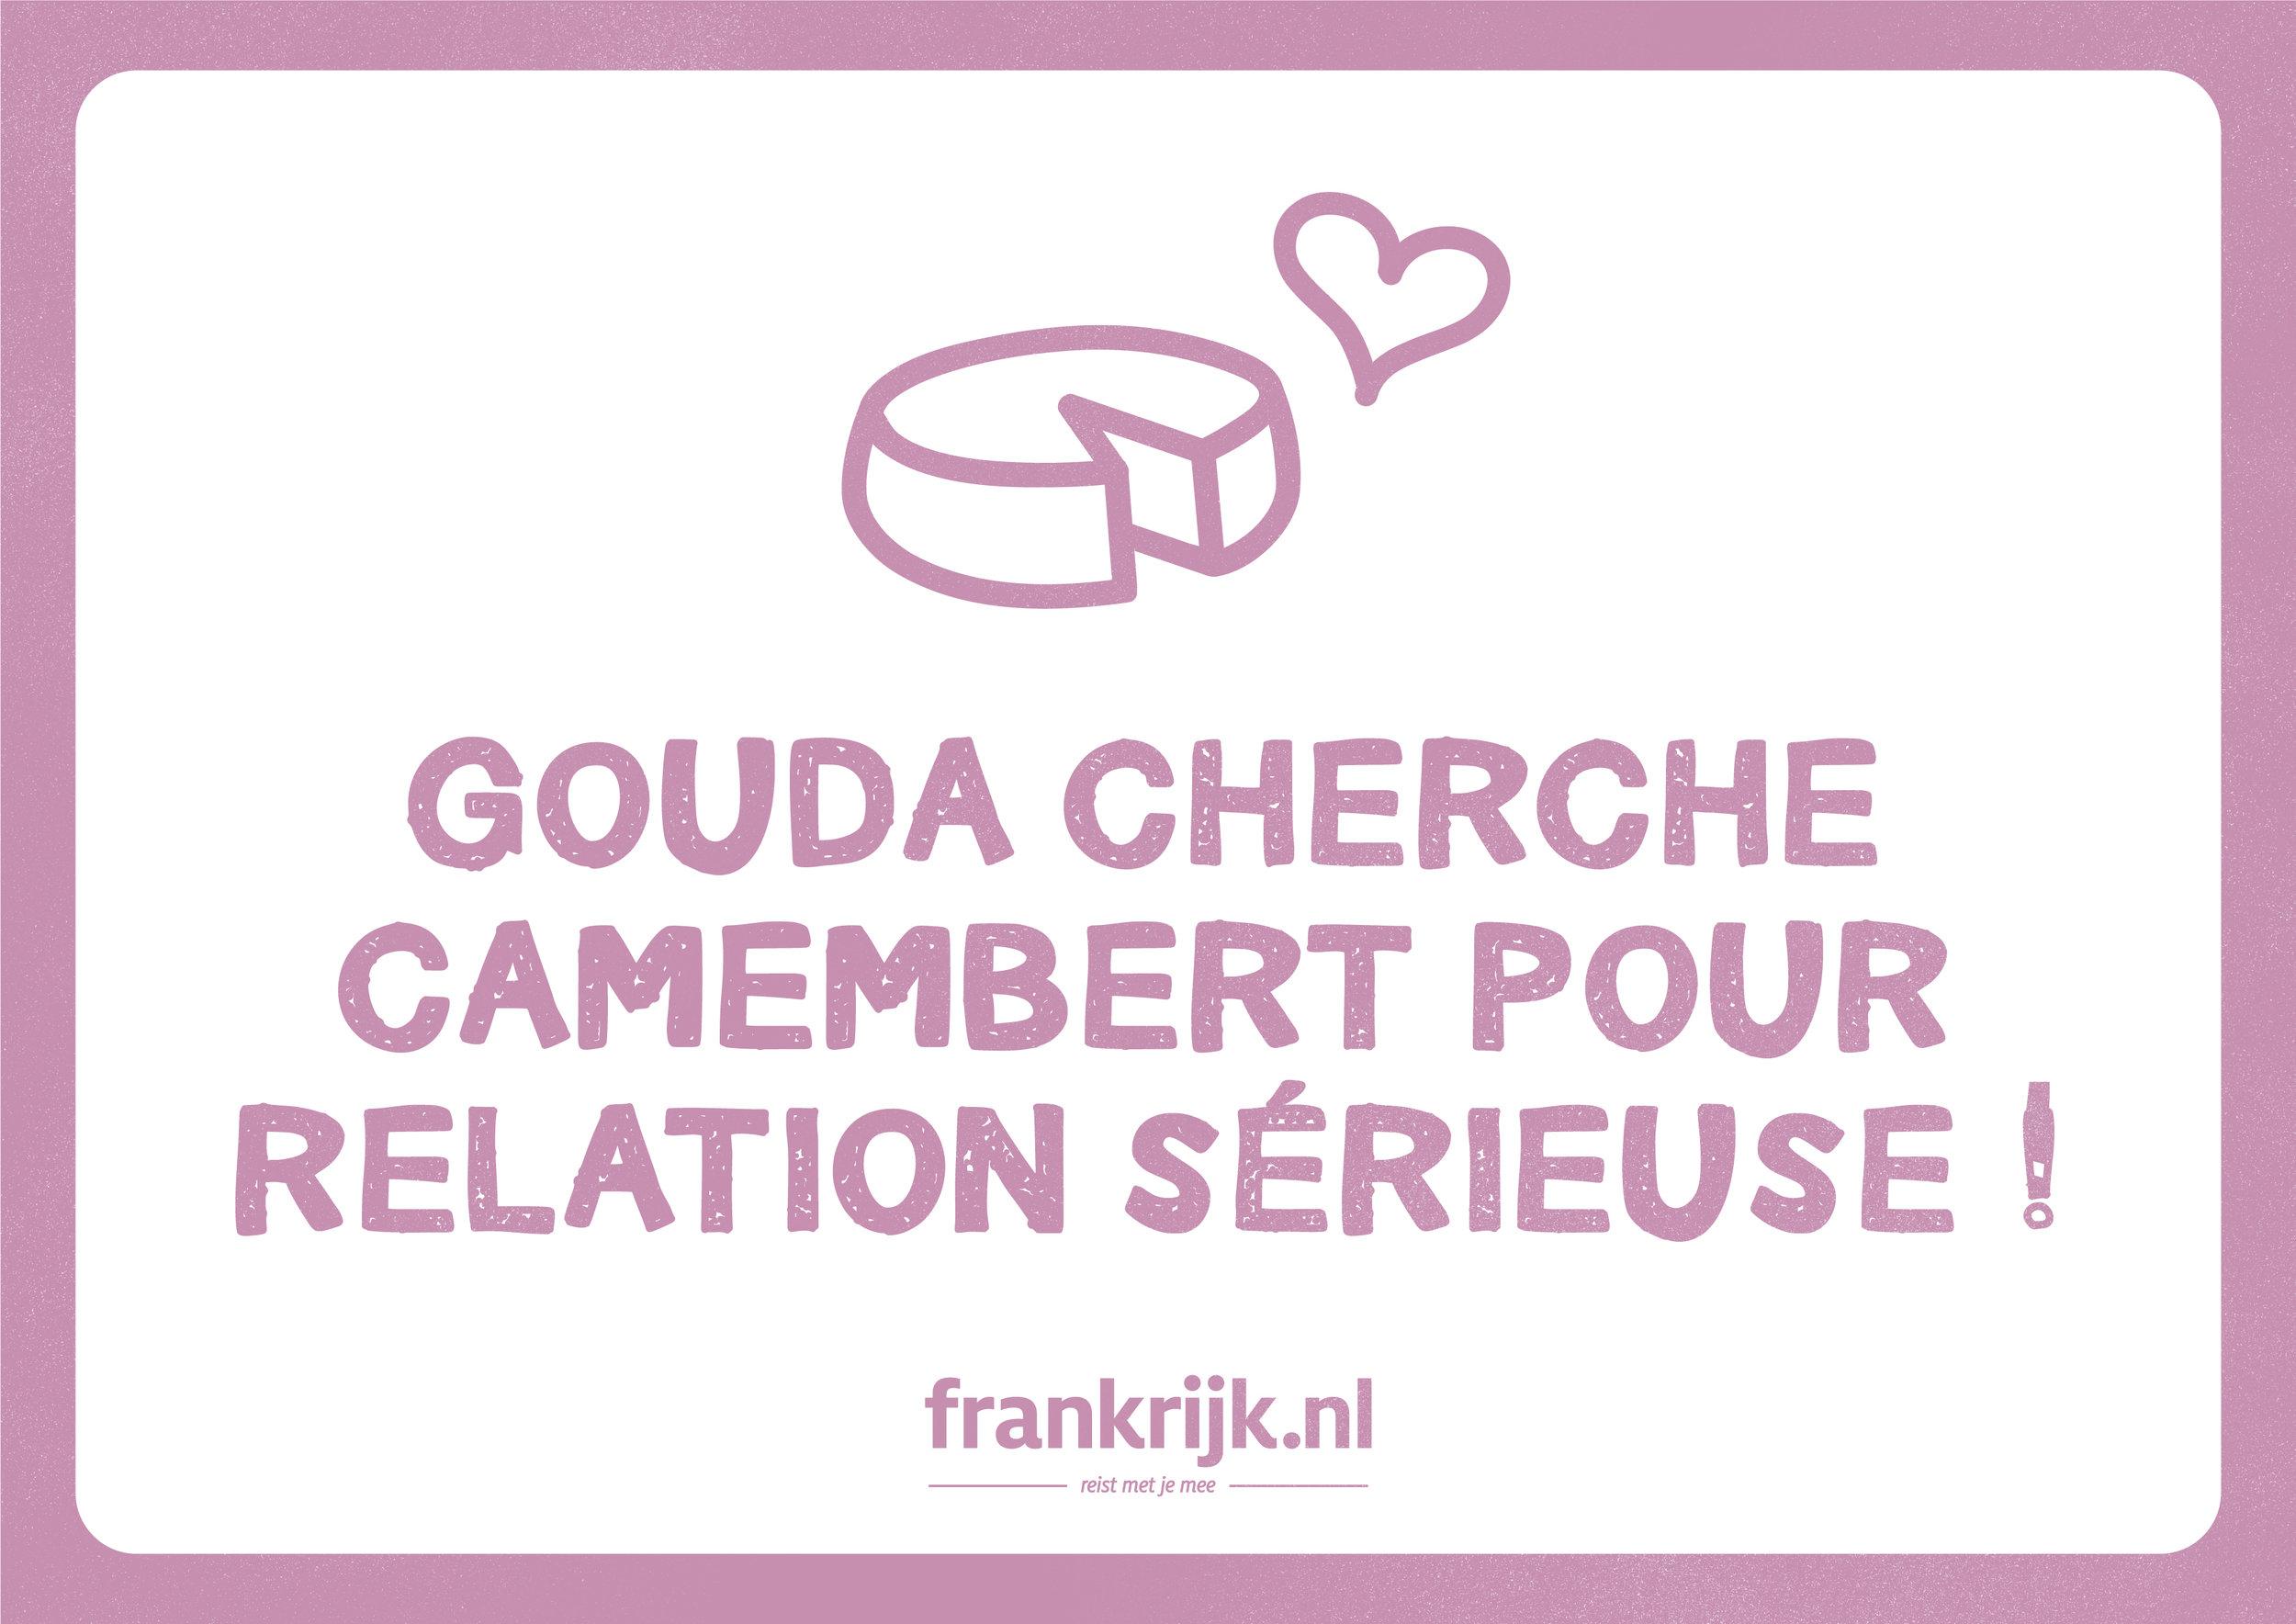 gouda-cherche-camembert.jpg